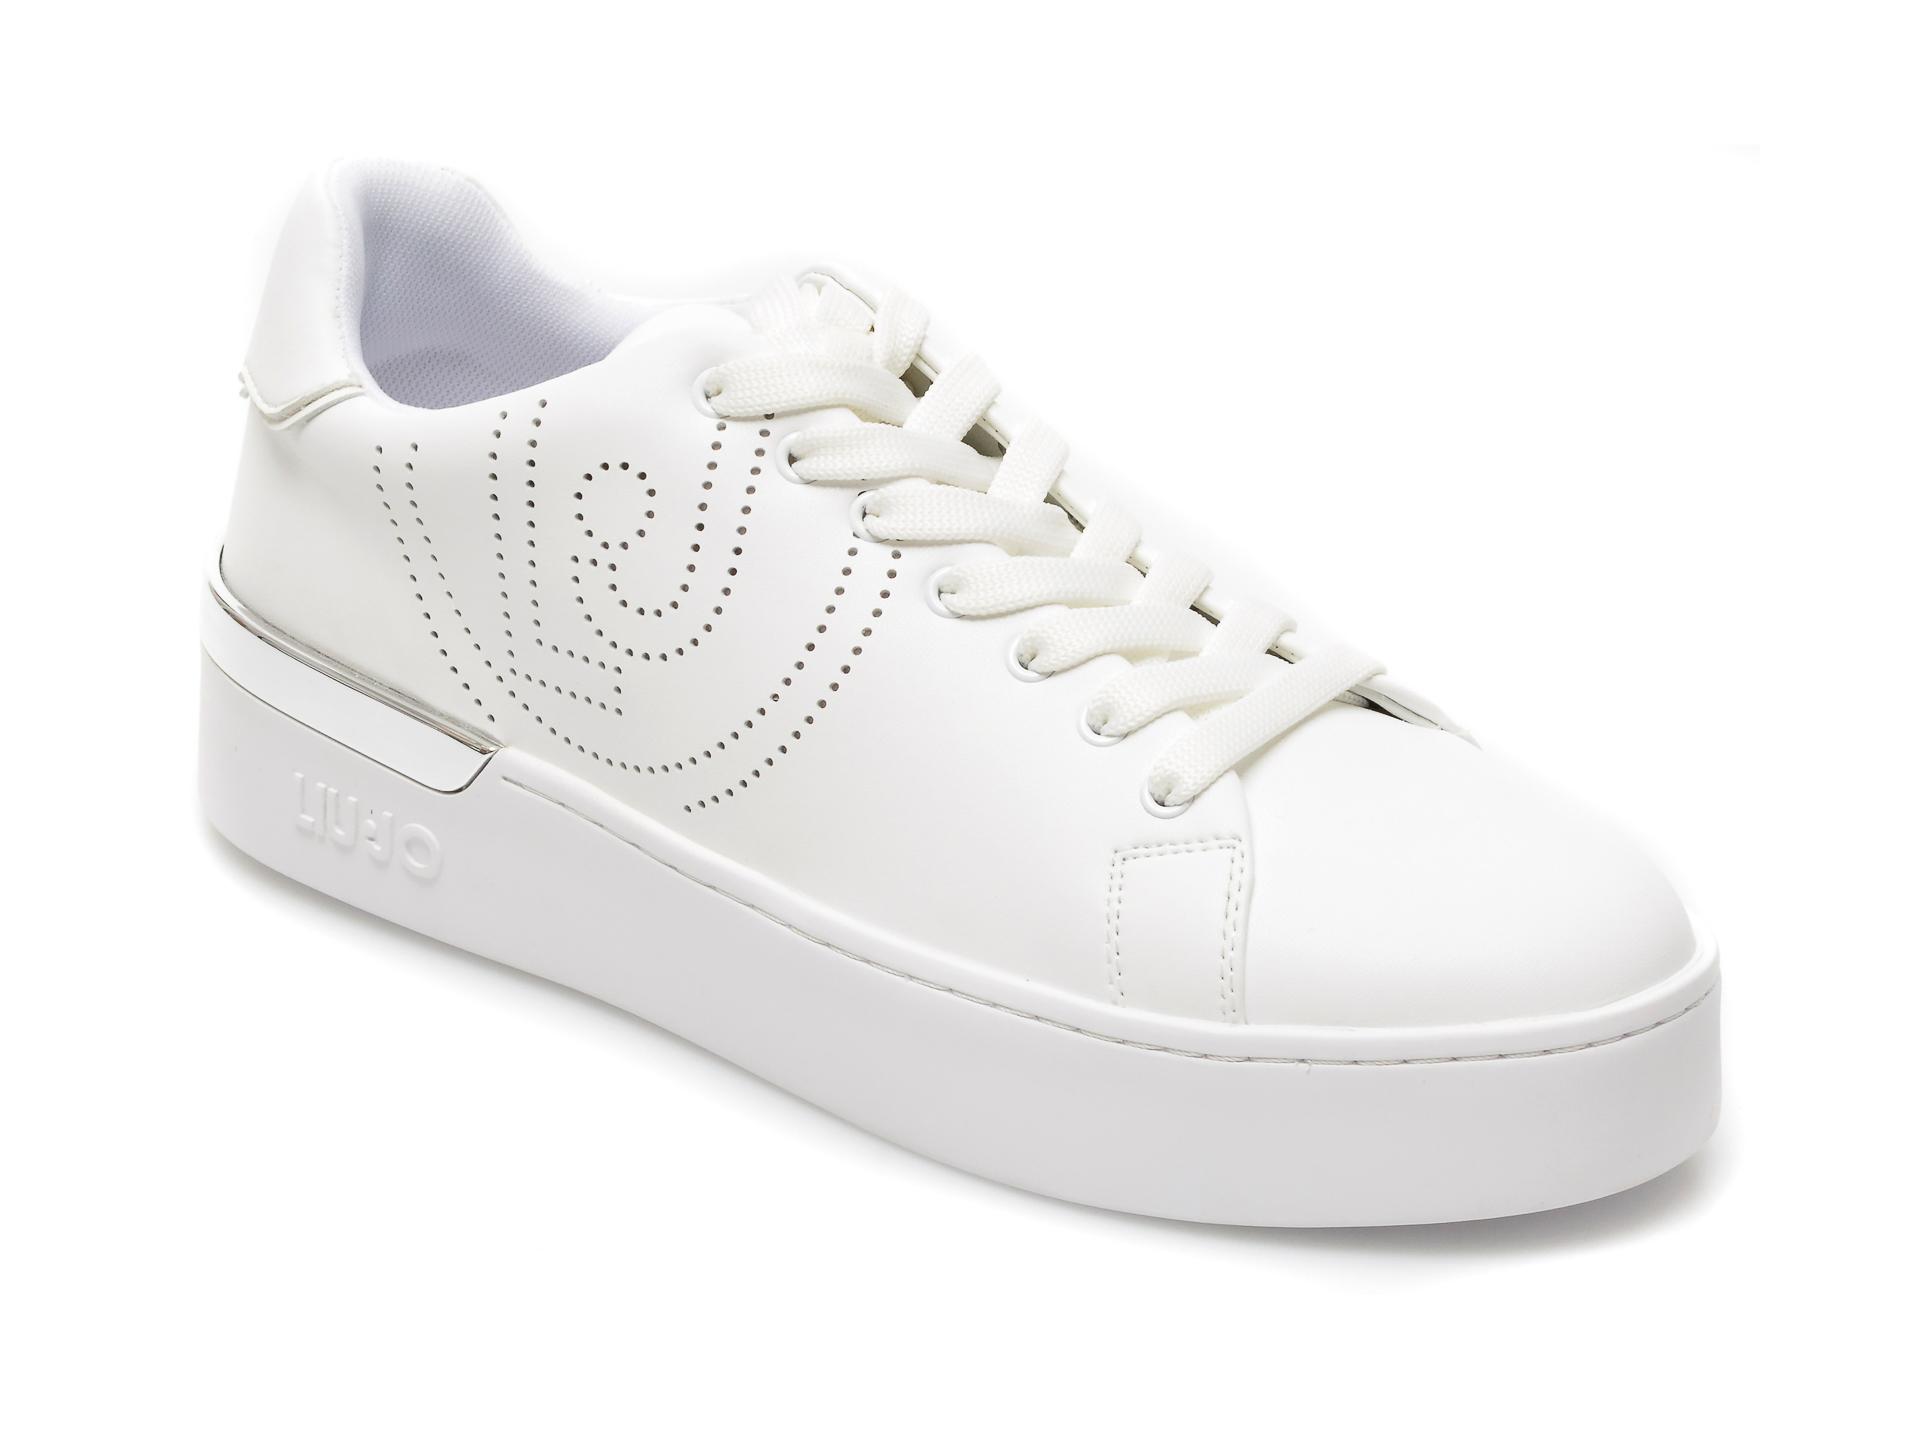 Pantofi sport LIU JO albi, Silvia 3, din piele ecologica imagine otter.ro